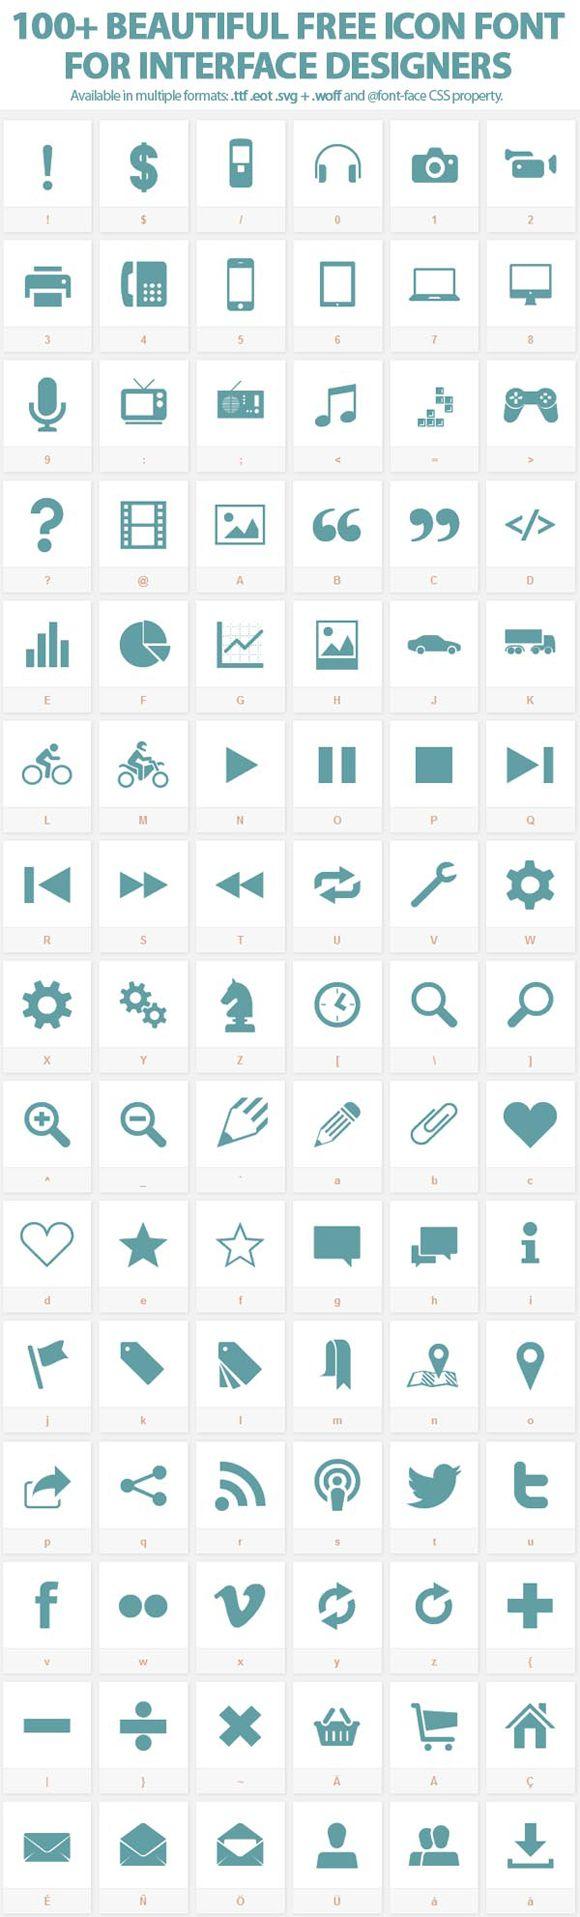 158 Free Web Font Icons by TenbyTwenty. #freebie #webfont #icons